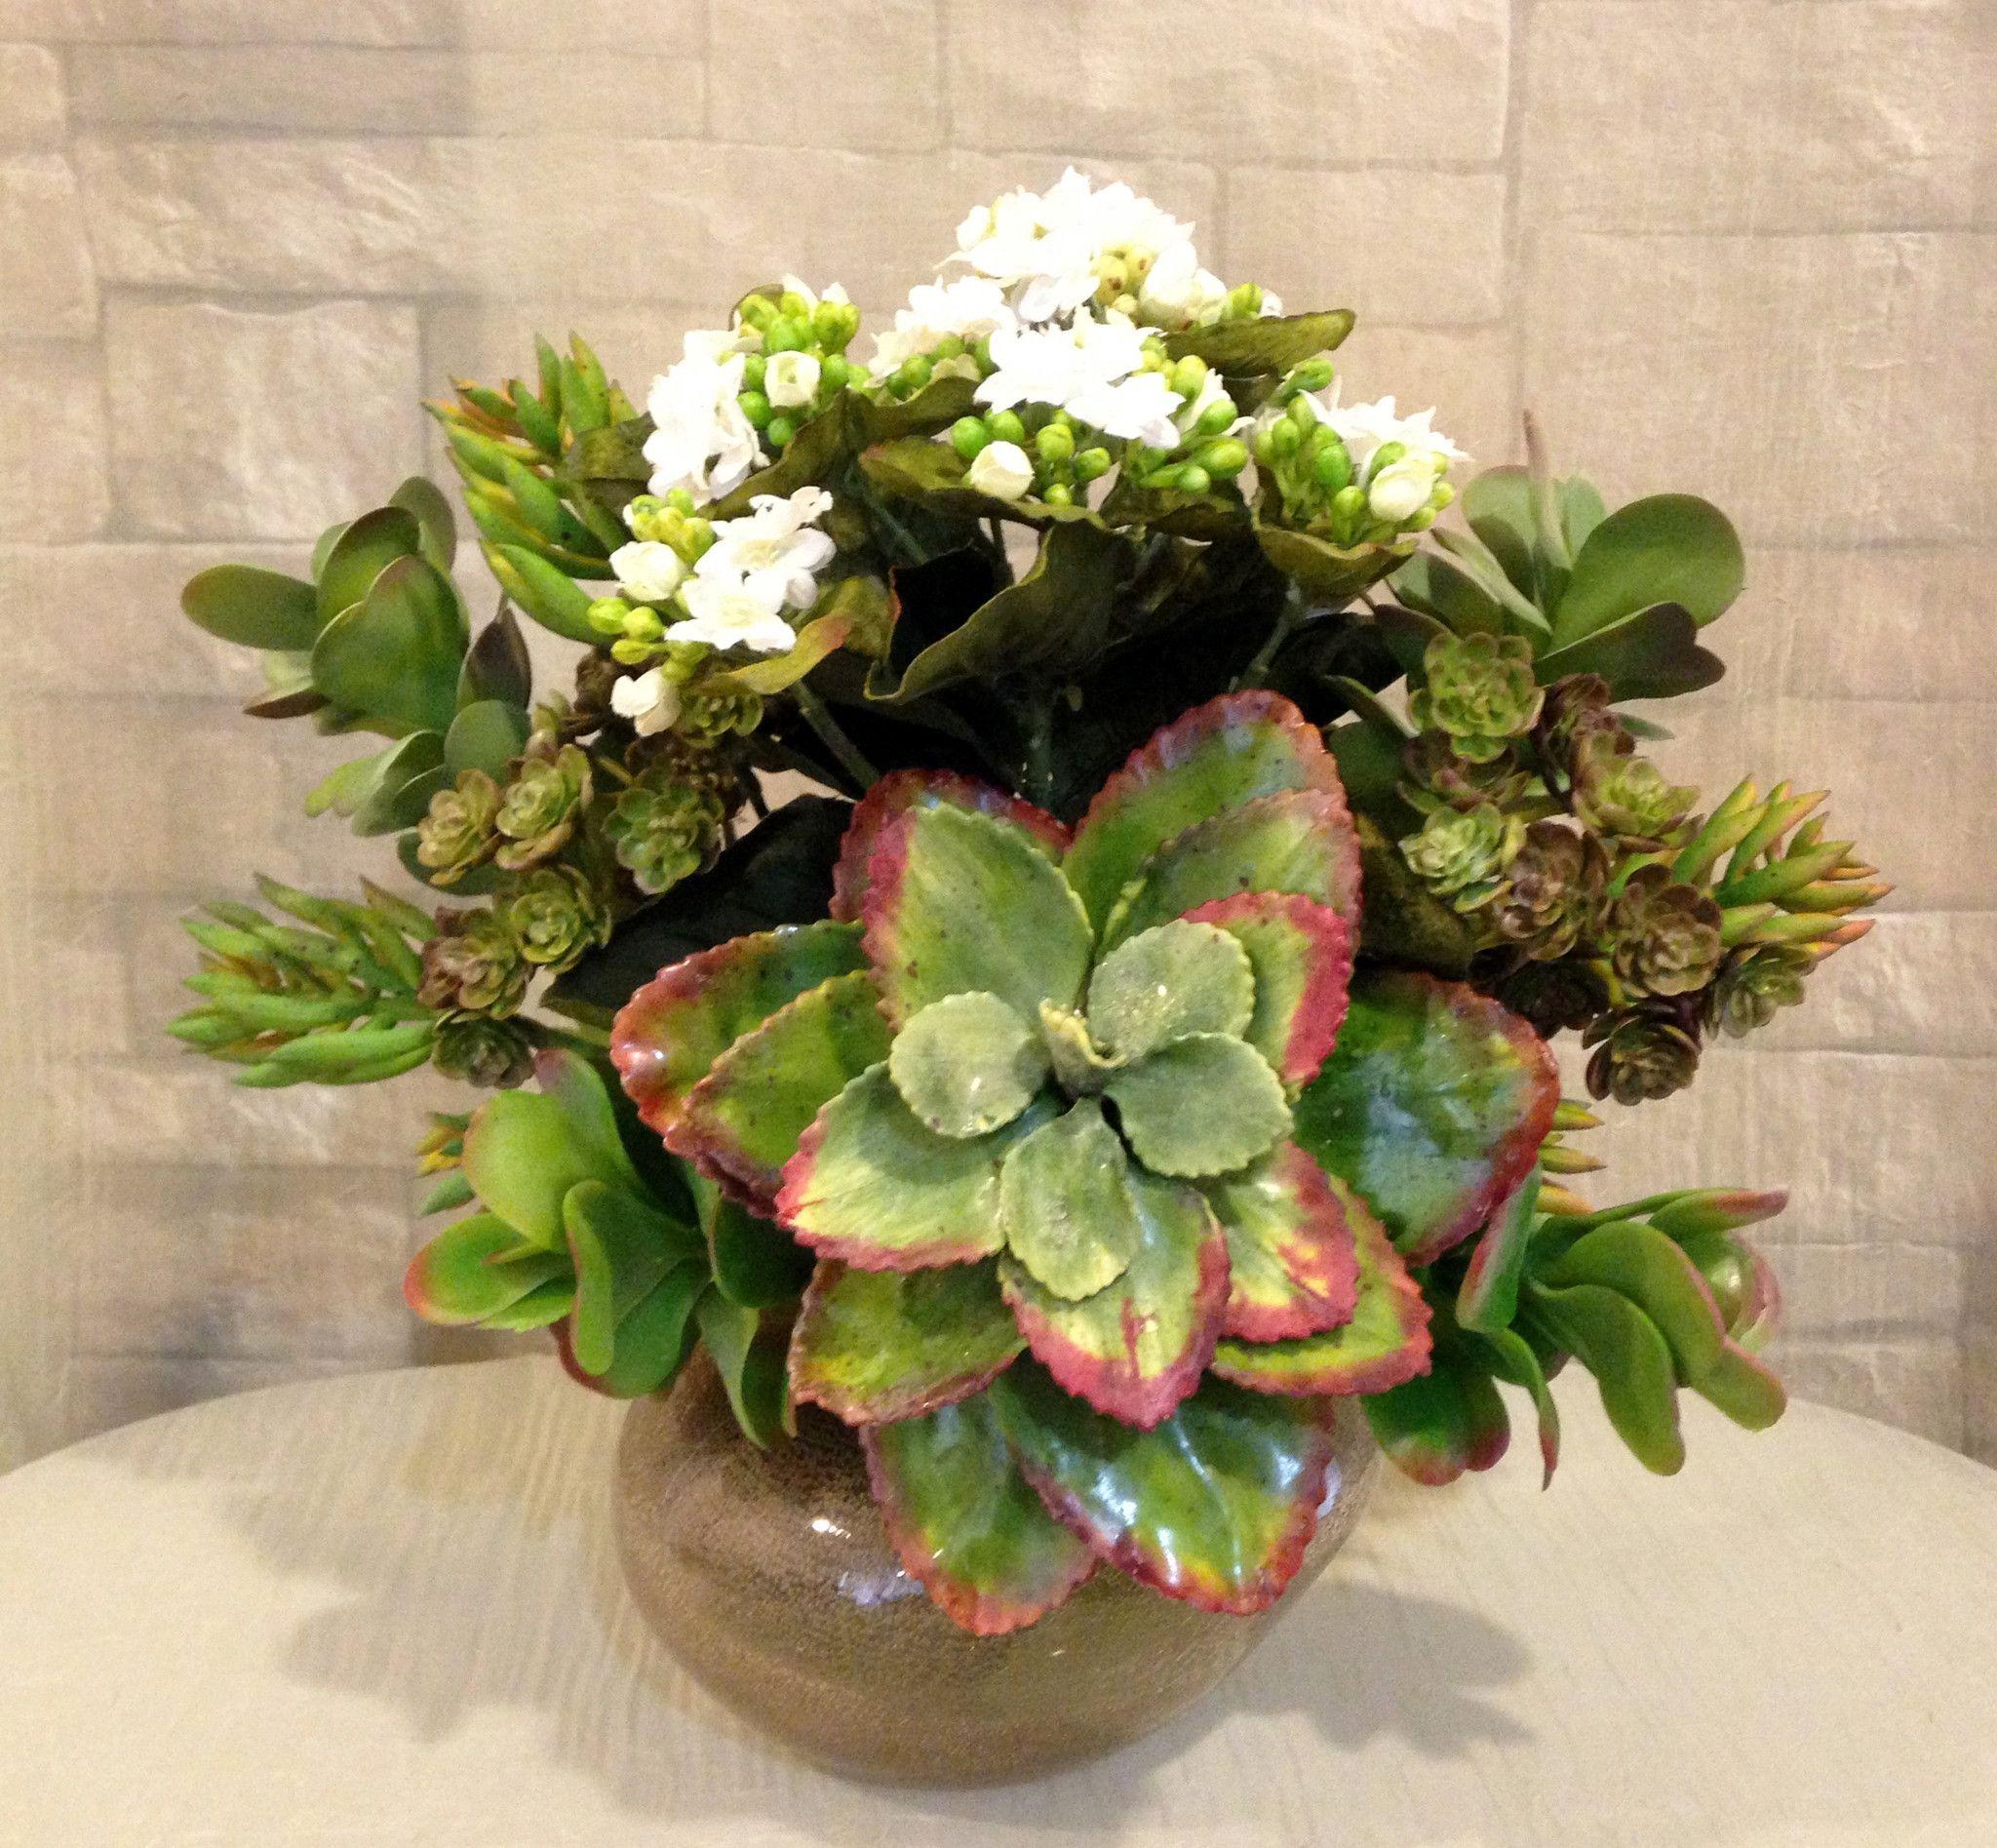 Silks pothos desk top plant in pot amp reviews wayfair - Artificial Echeveria Plant Kalanchoe And Succulent Arrangement In Copper Parla Glass Vase